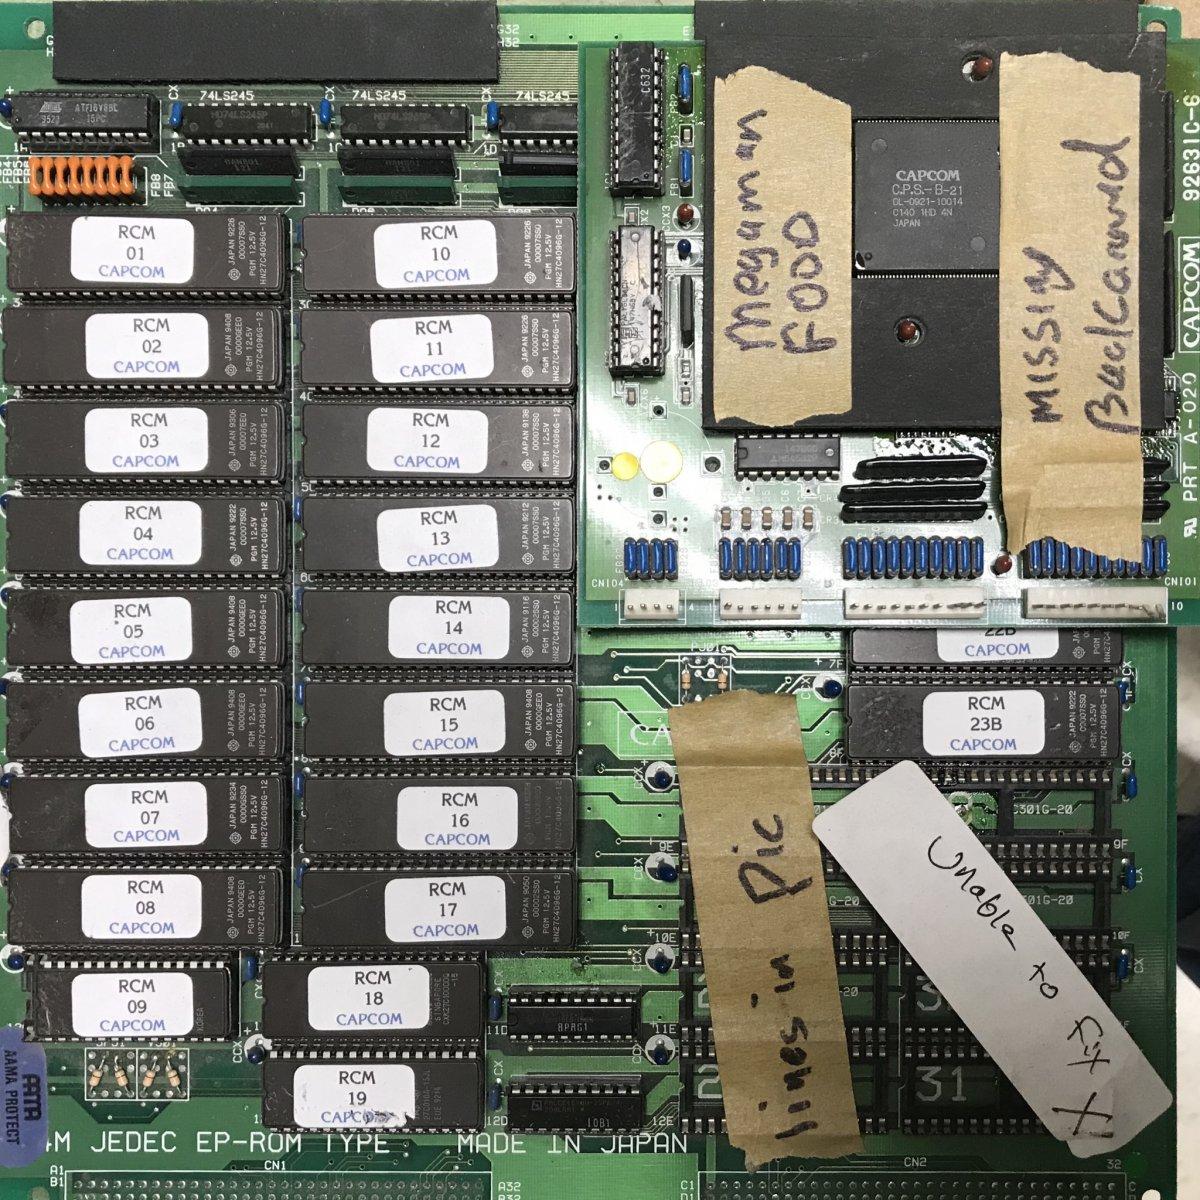 BEC65167-6D14-4B45-A46C-9C89C4862B9C.jpeg